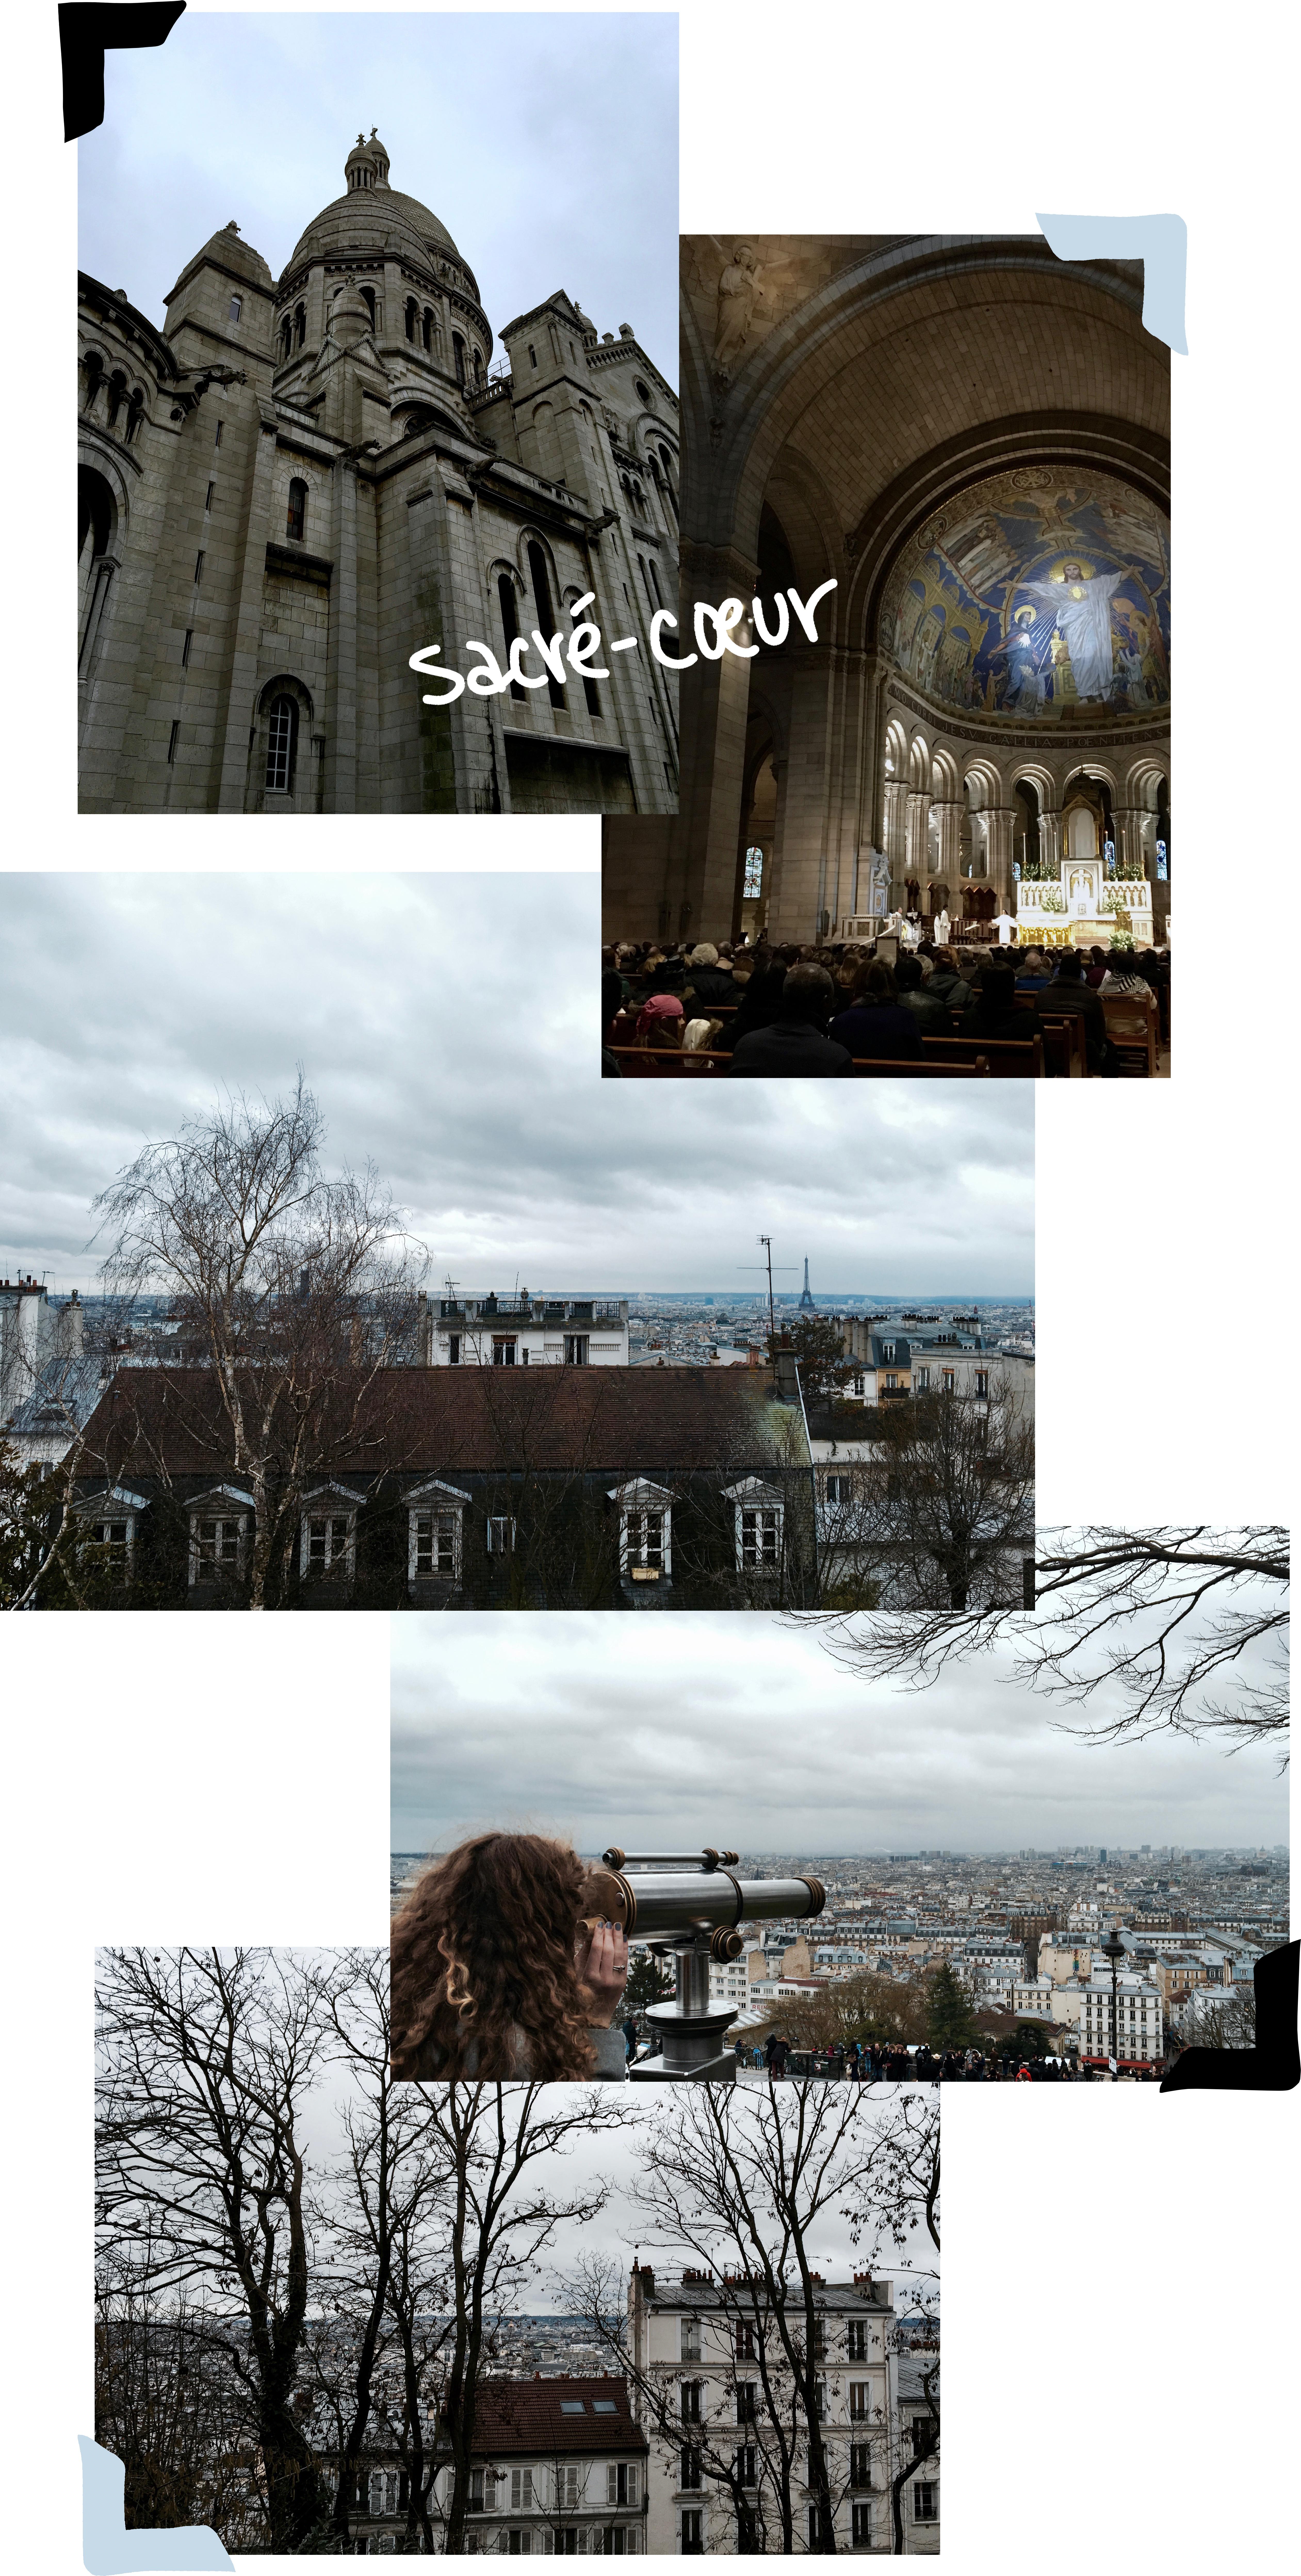 sacre coeur collage.jpg